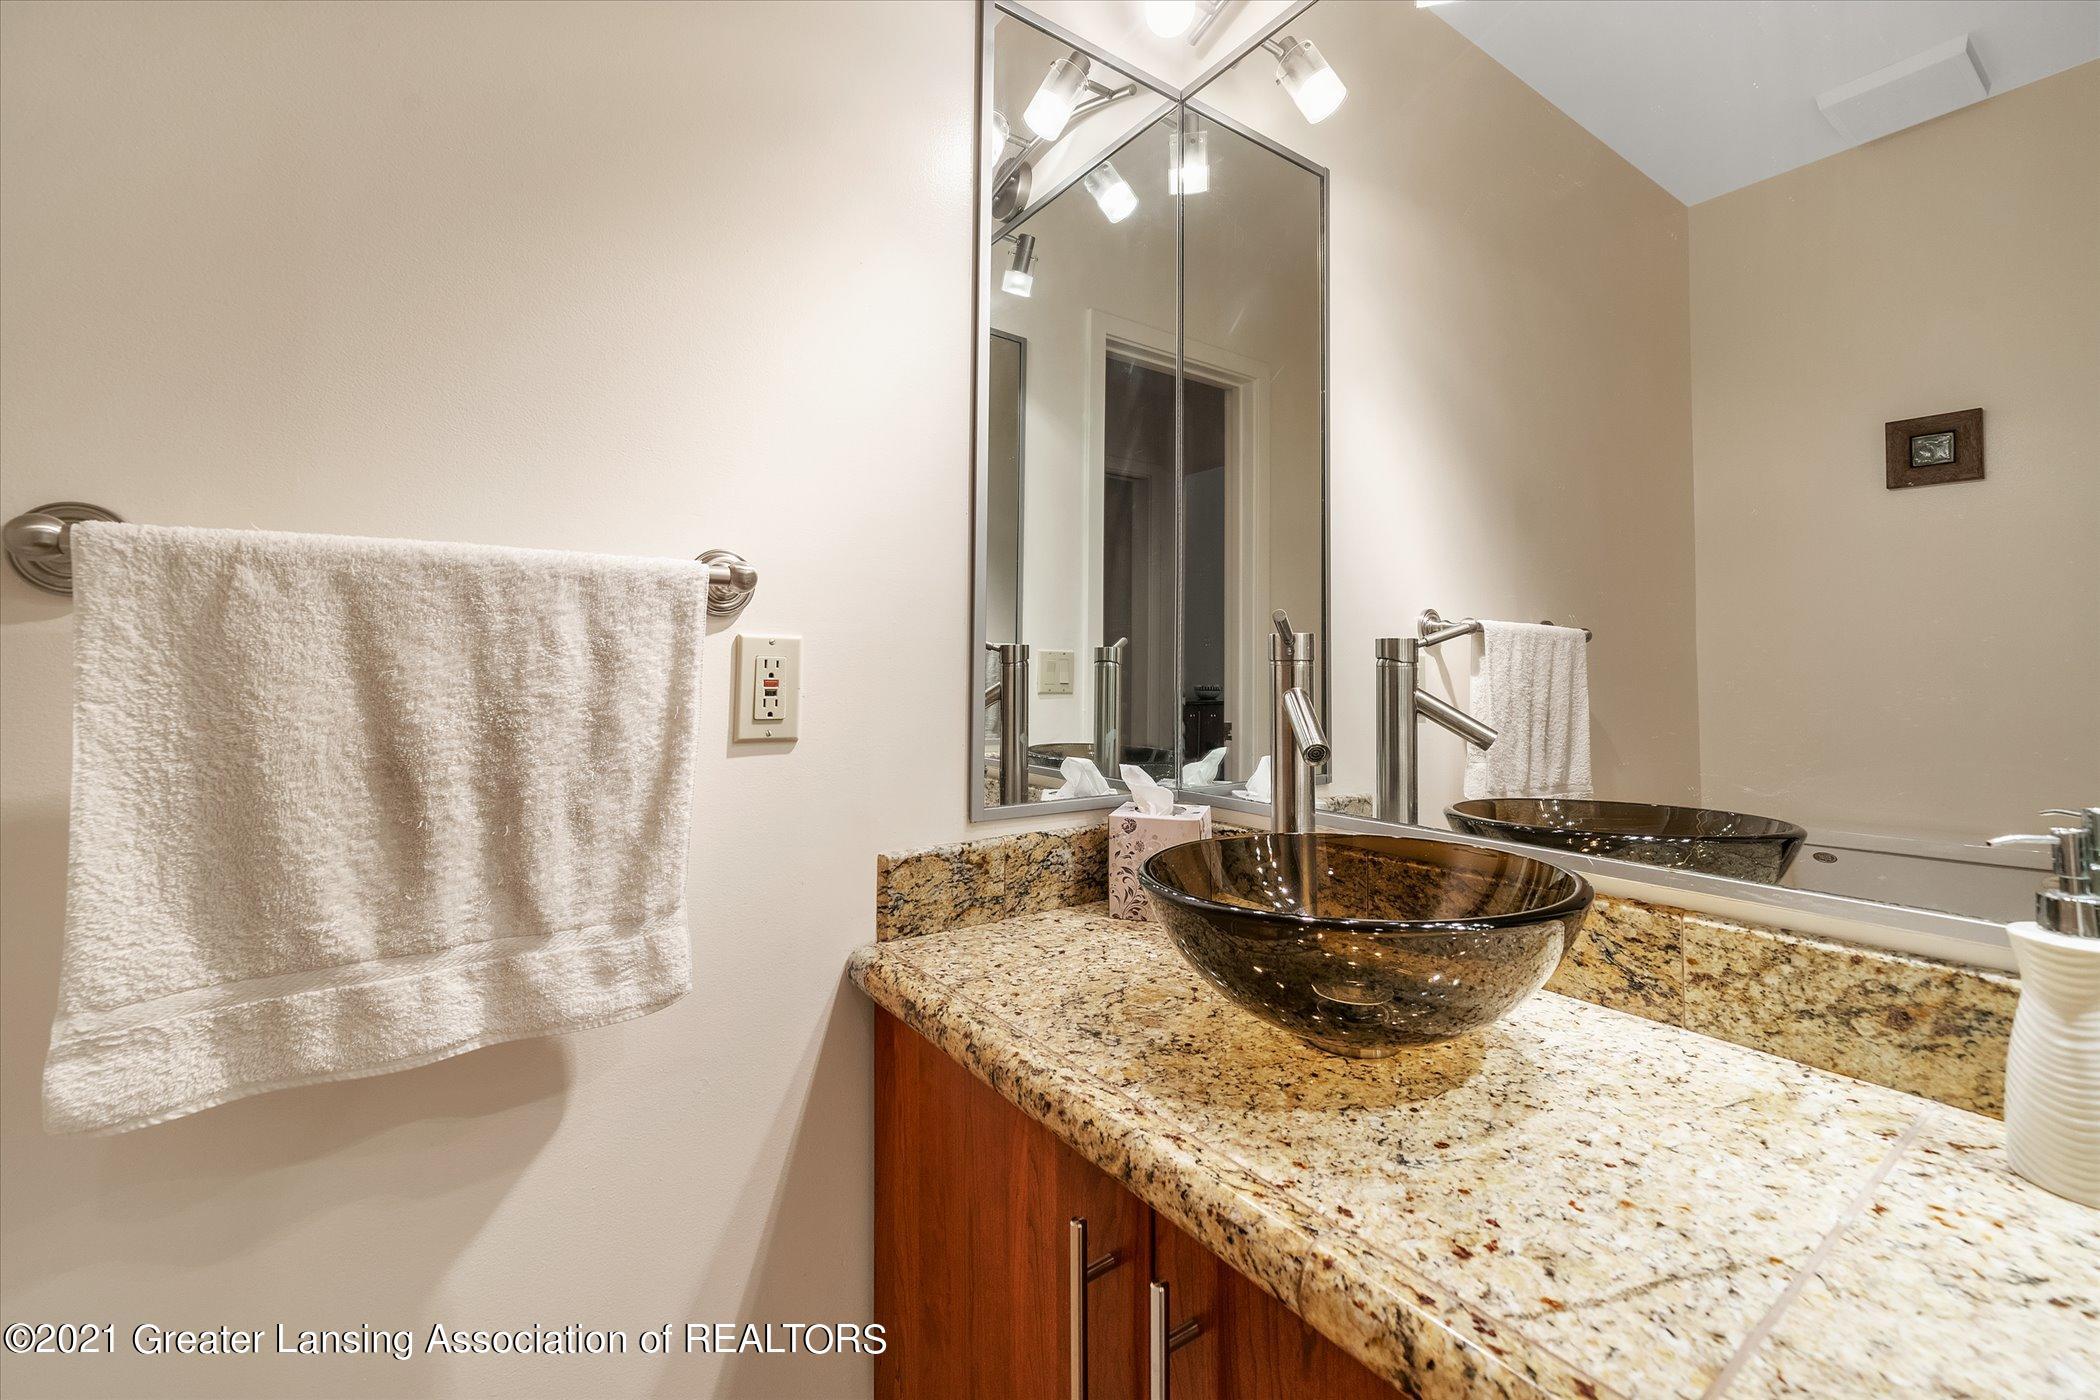 442 Shoesmith Rd - (34) MAIN FLOOR Half Bathroom - 35